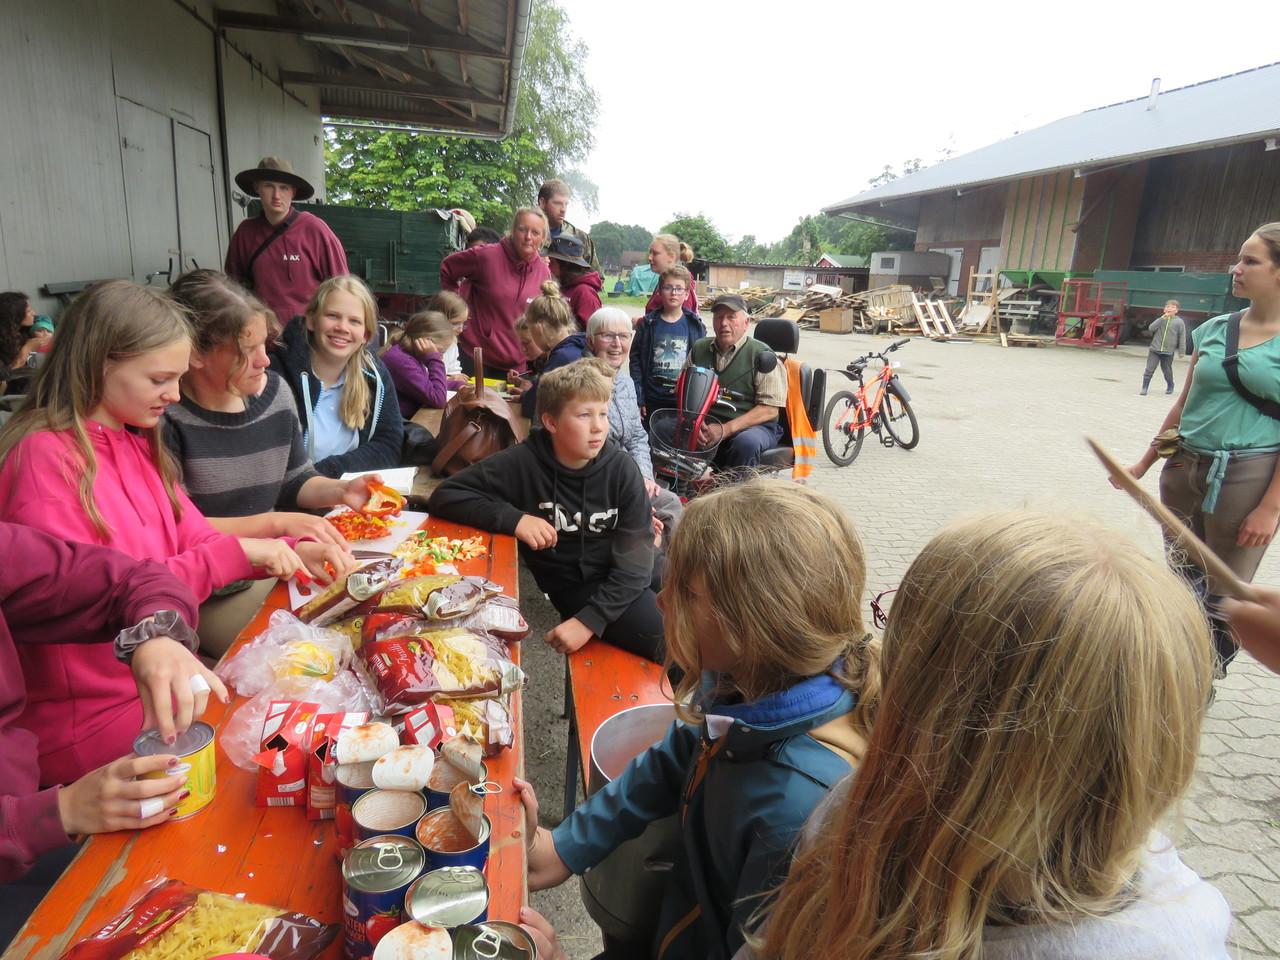 Regelmäßig werden Pausentage, wie hier auf Hof Rugen in Otterstedt, eingelegt. Foto: Elke Keppler-Rosenau